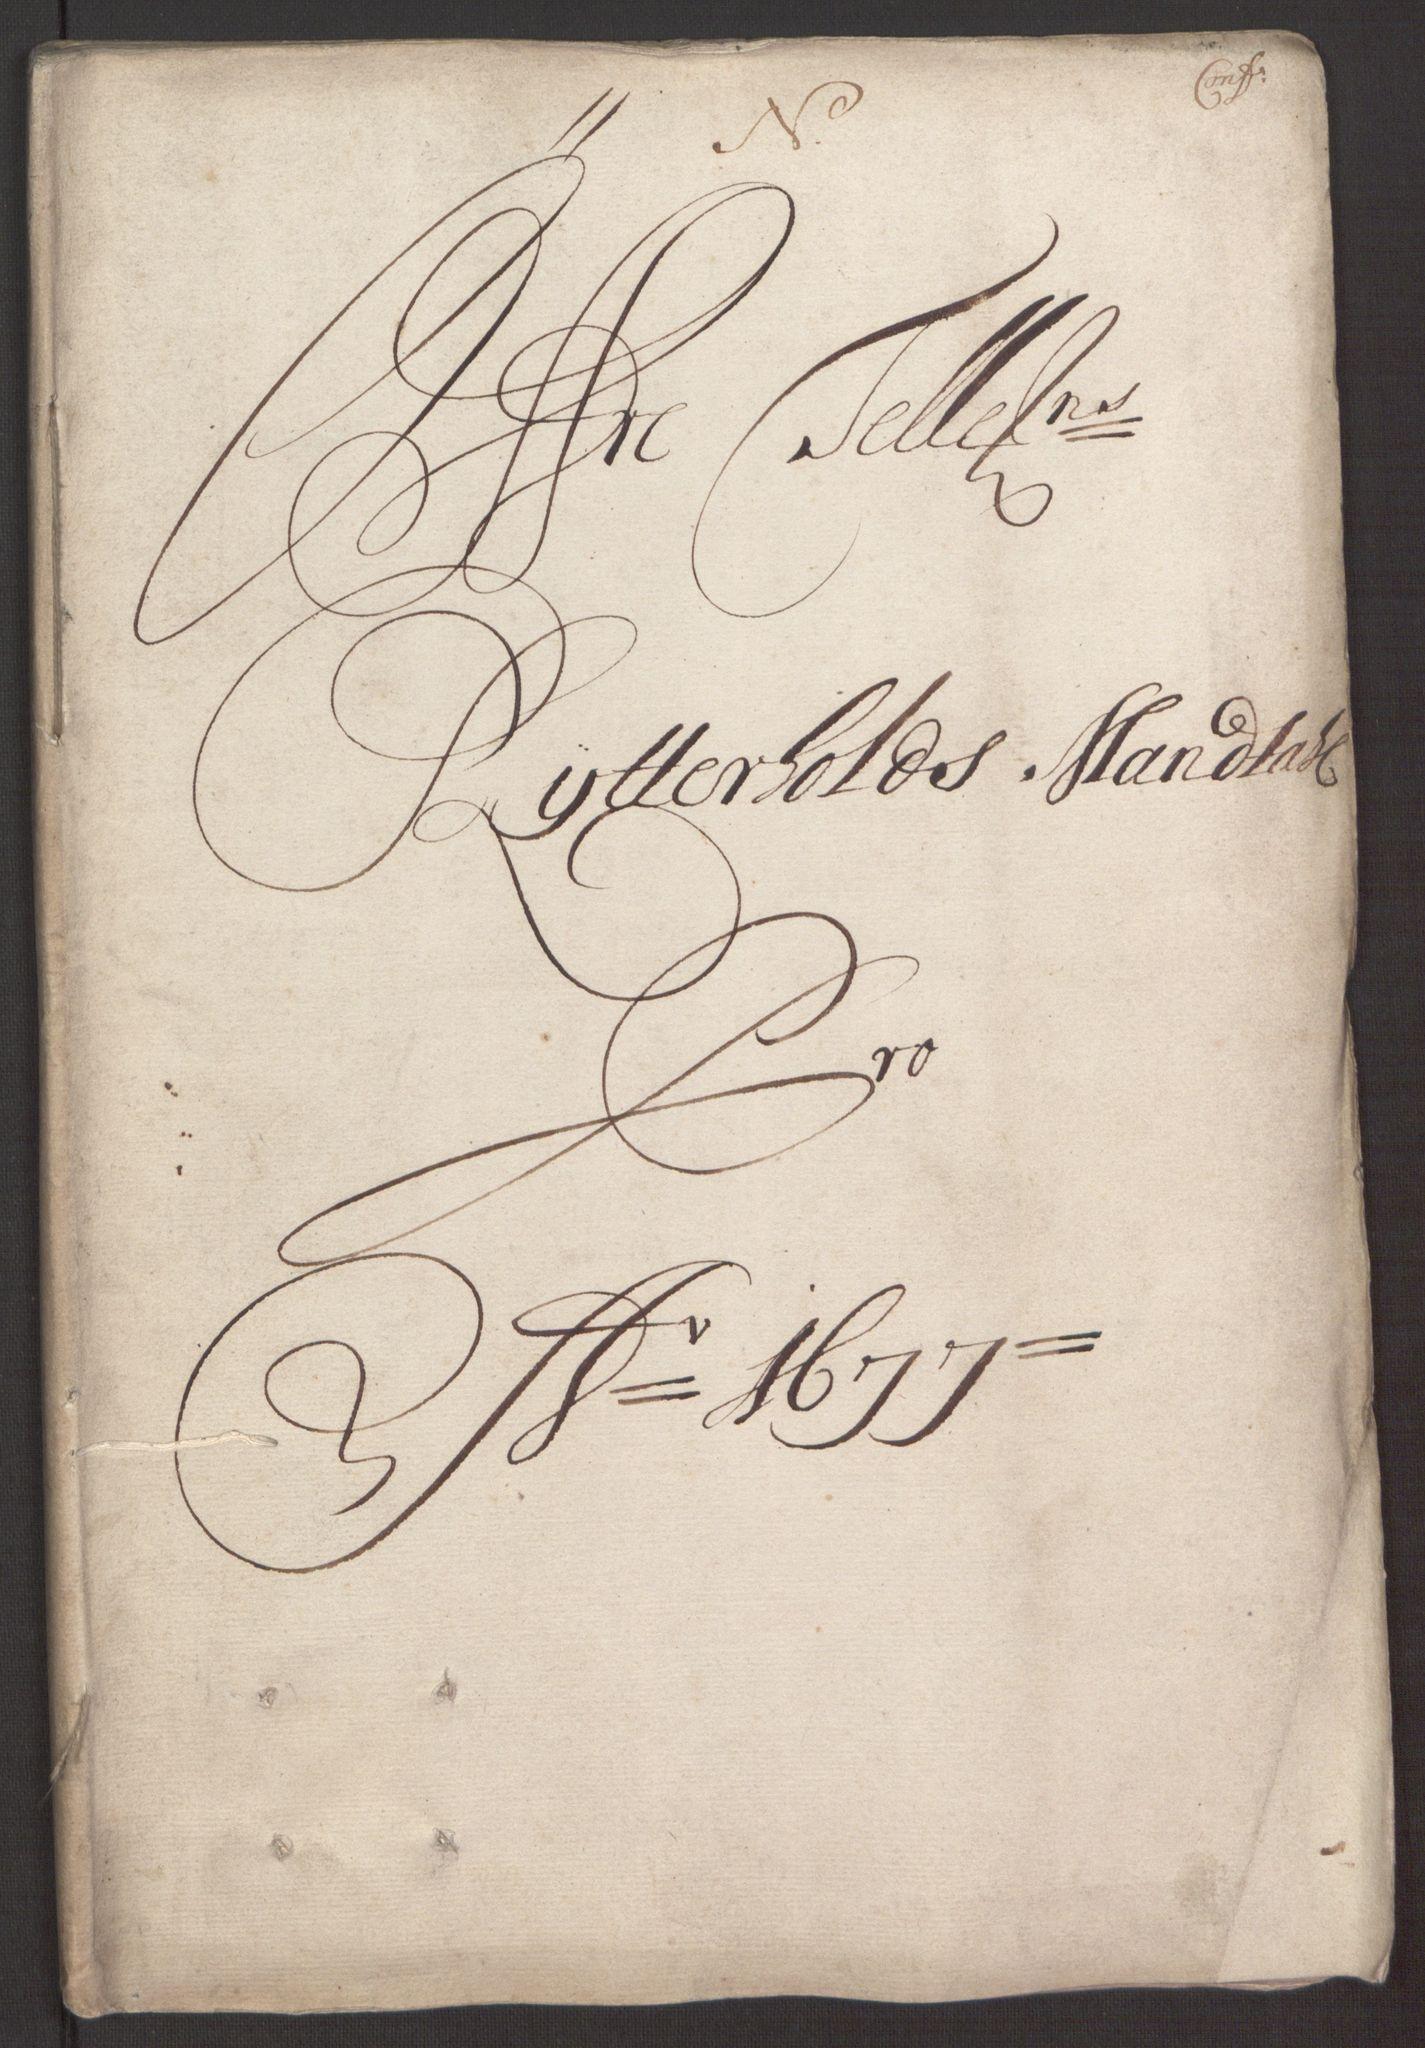 RA, Rentekammeret inntil 1814, Reviderte regnskaper, Fogderegnskap, R35/L2067: Fogderegnskap Øvre og Nedre Telemark, 1677, s. 157